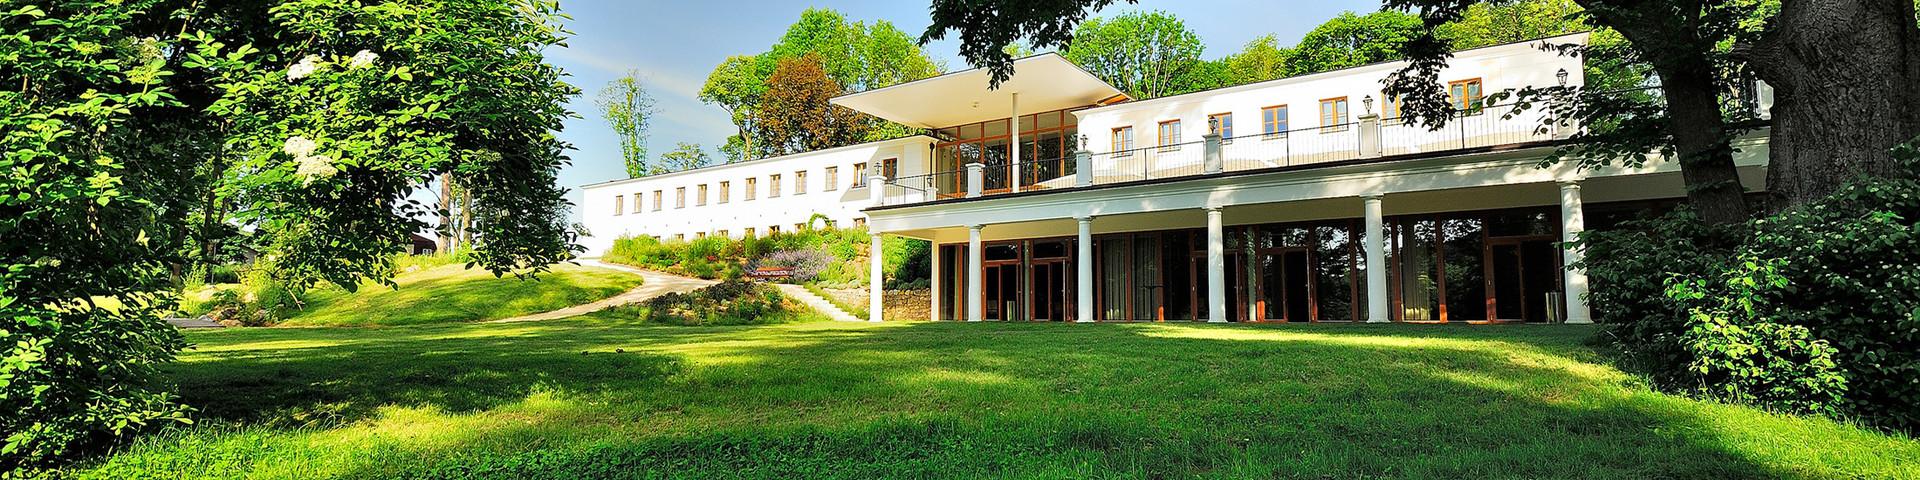 Schlosspark Mauerbach - Aussenansicht © Schlosspark Mauerbach